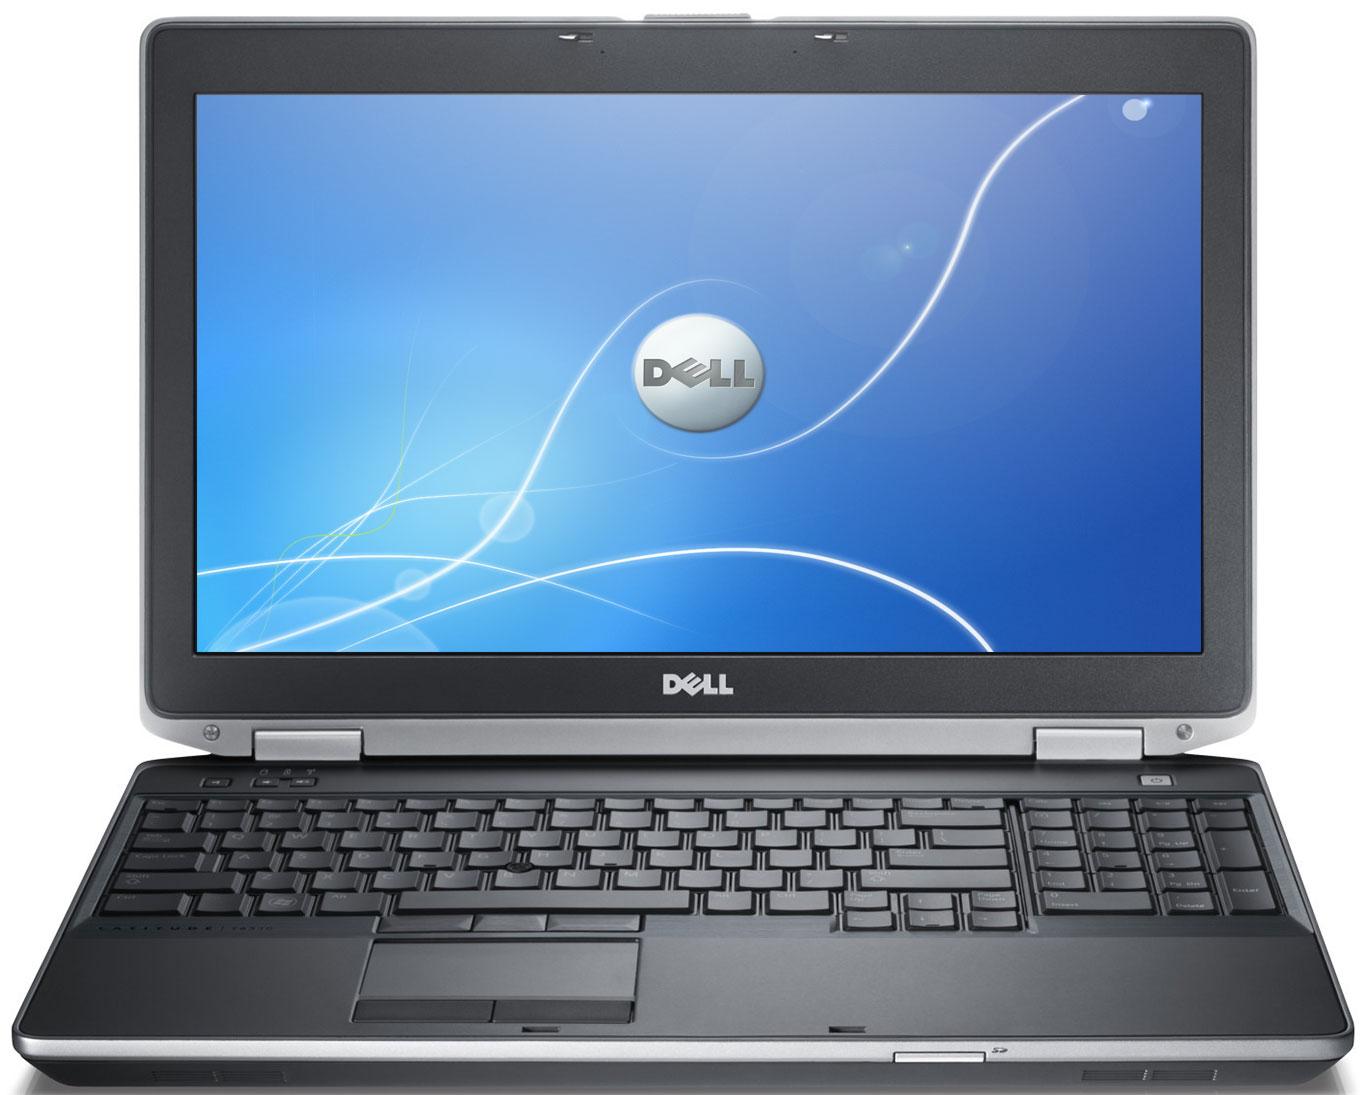 【エントリーでポイント10倍!2/22 10時〜】中古ノートパソコンDell Latitude E6530 E6530 【中古】 Dell Latitude E6530 中古ノートパソコンCore i7 Win7 Pro Dell Latitude E6530 中古ノートパソコンCore i7 Win7 Pro